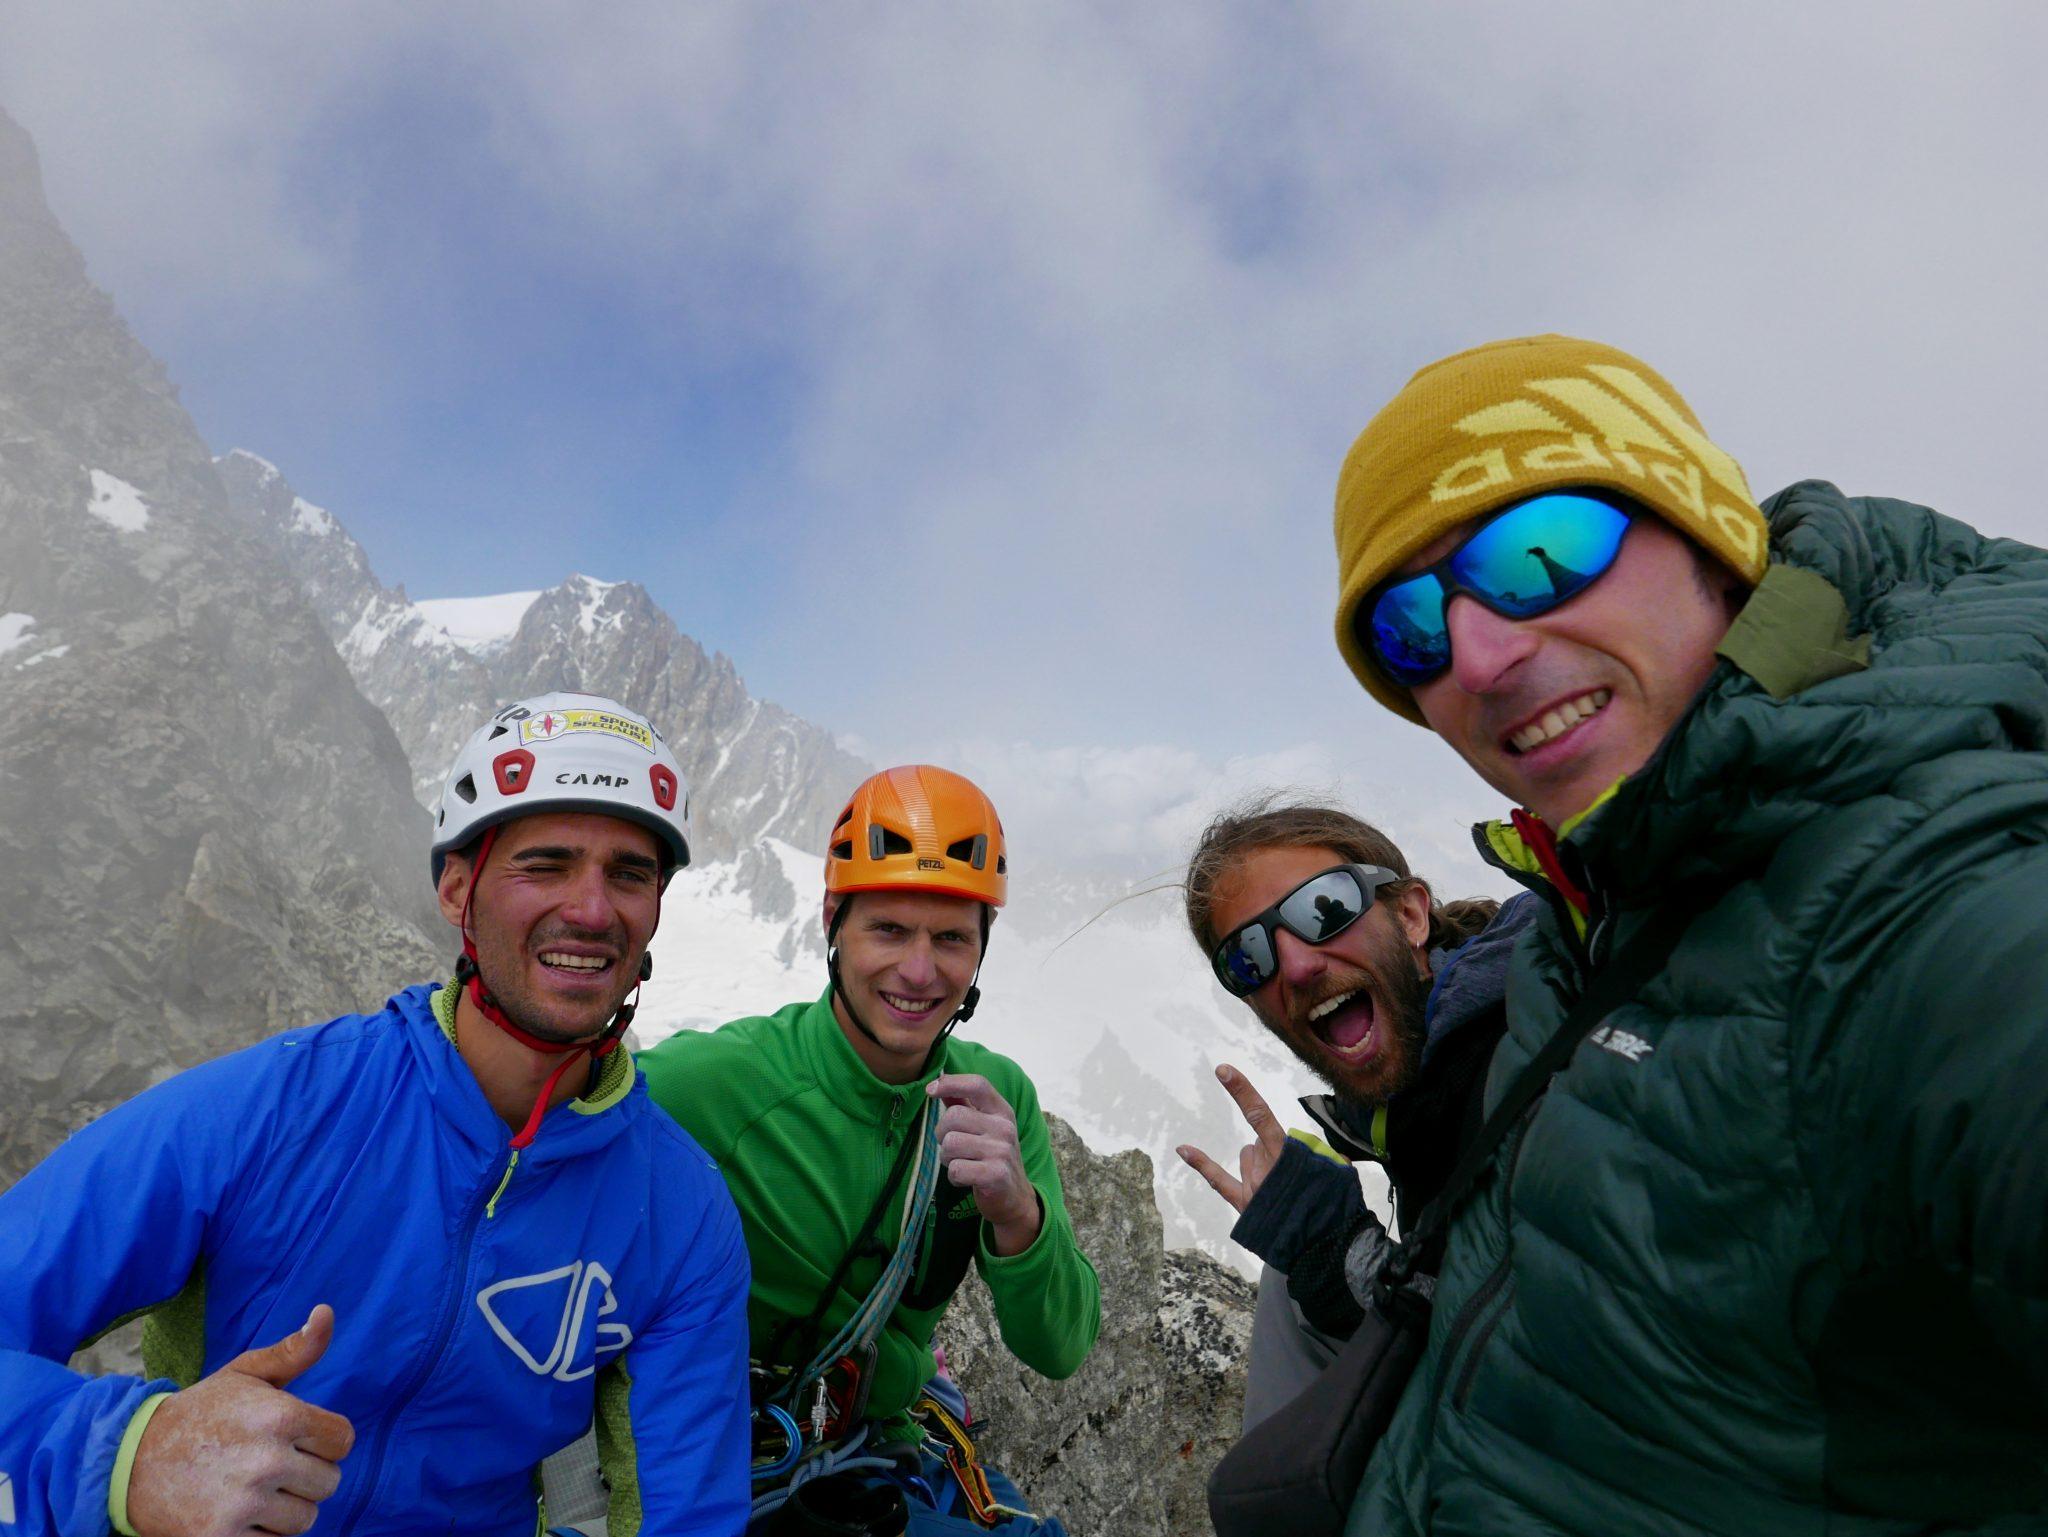 Luca Moroni, Davide Visconti, Giacomo Regallo e Matteo Della Bordella in cima al Pic Gugliermina (Ph. Matteo Della Bordella – Archivio Ragni della Grignetta)